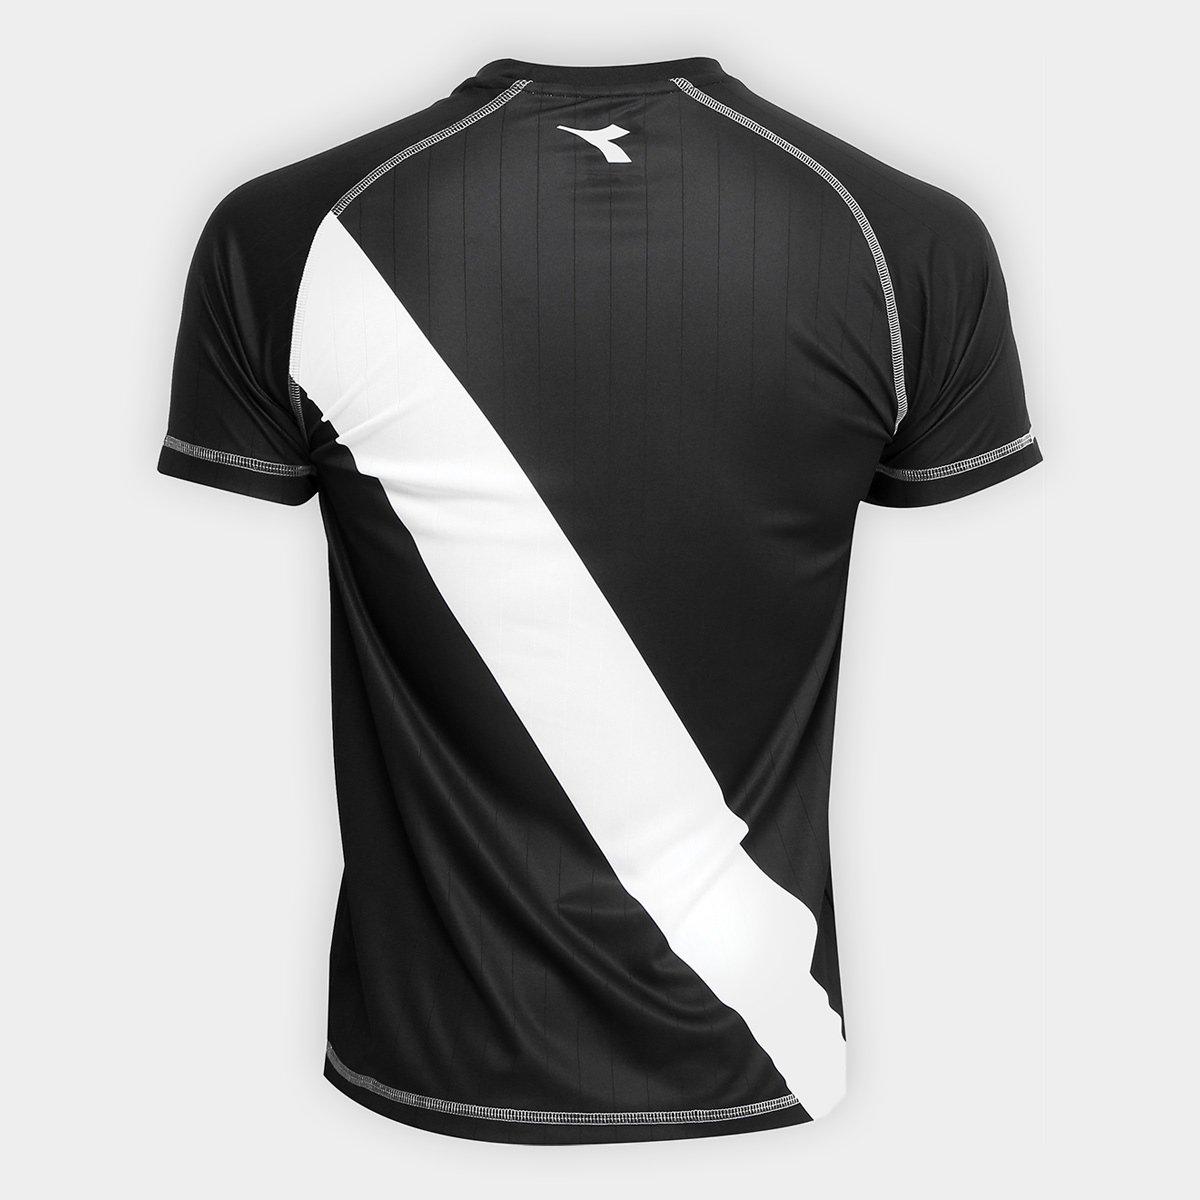 ... Camisa Vasco Transição I 2018 s nº Torcedor Diadora Masculina ... f81d422f033d3